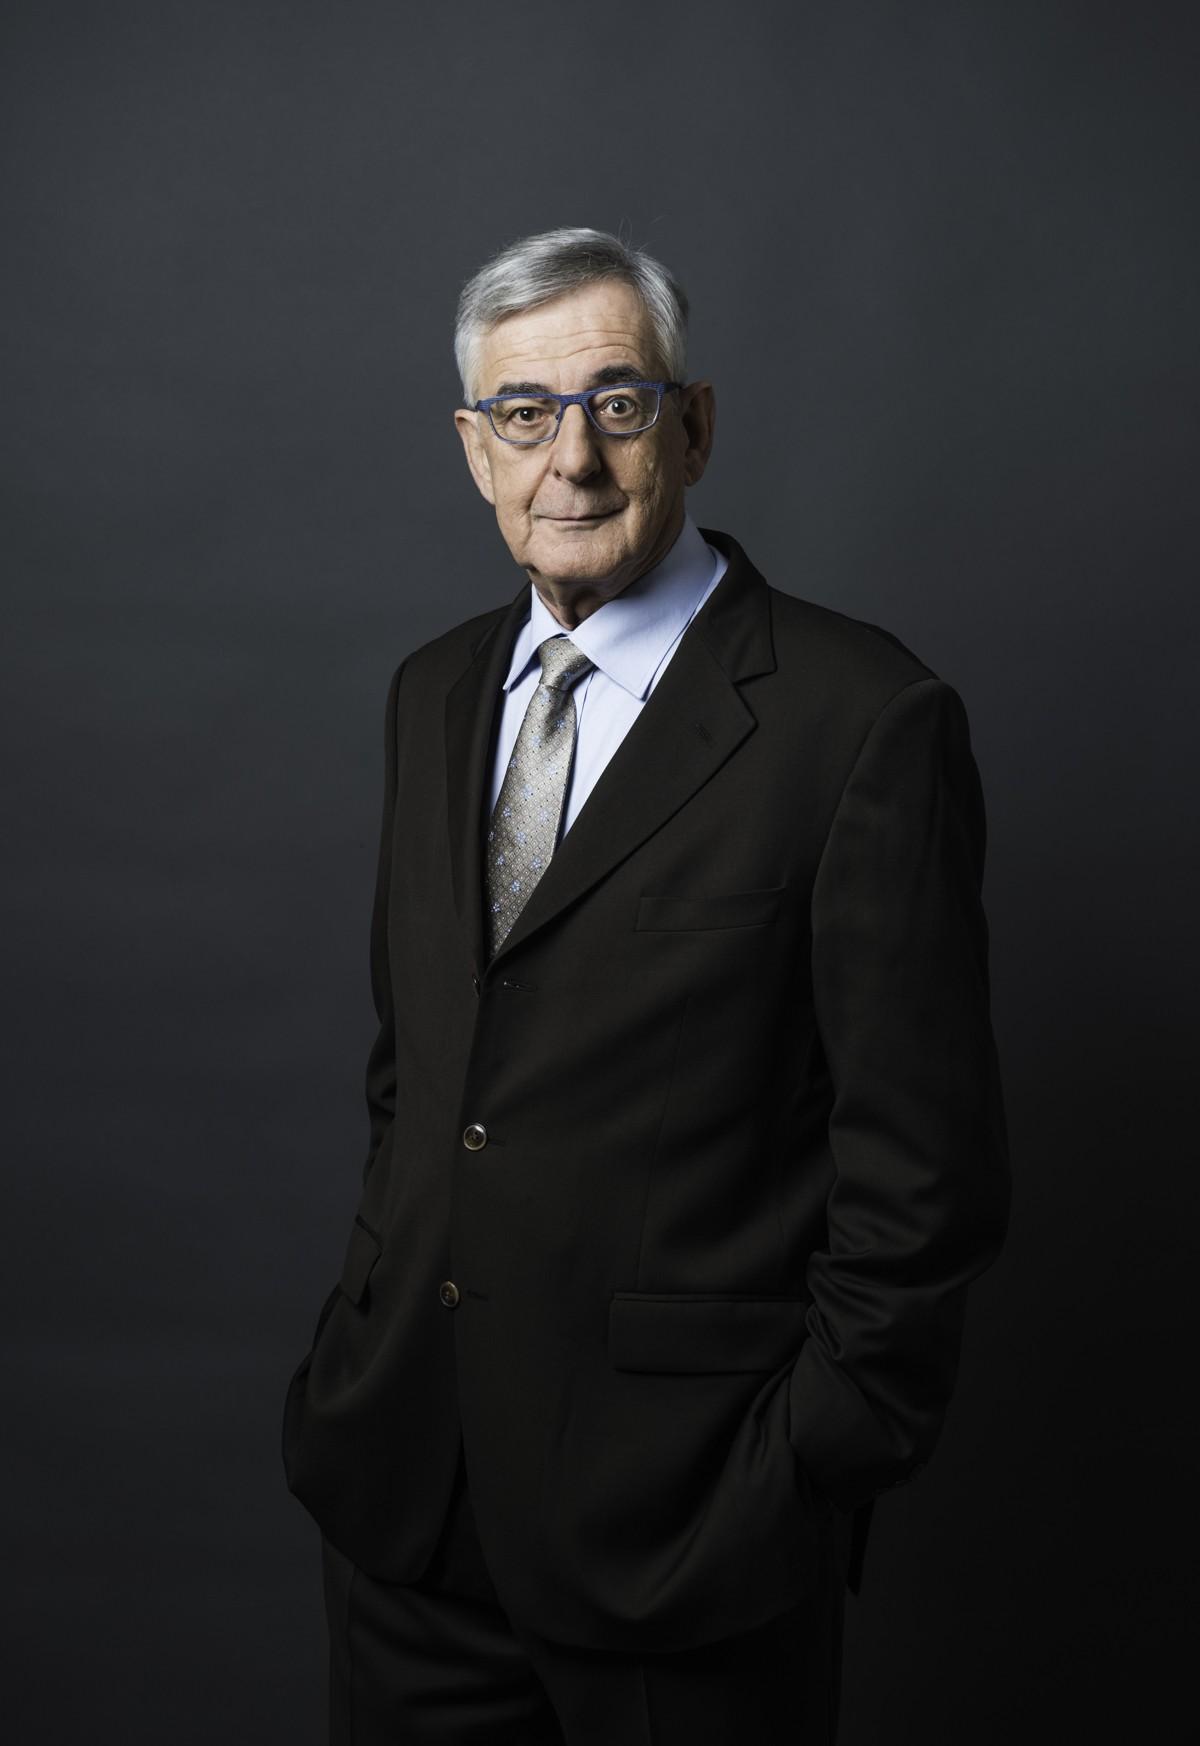 Jean-Maxime Mialot